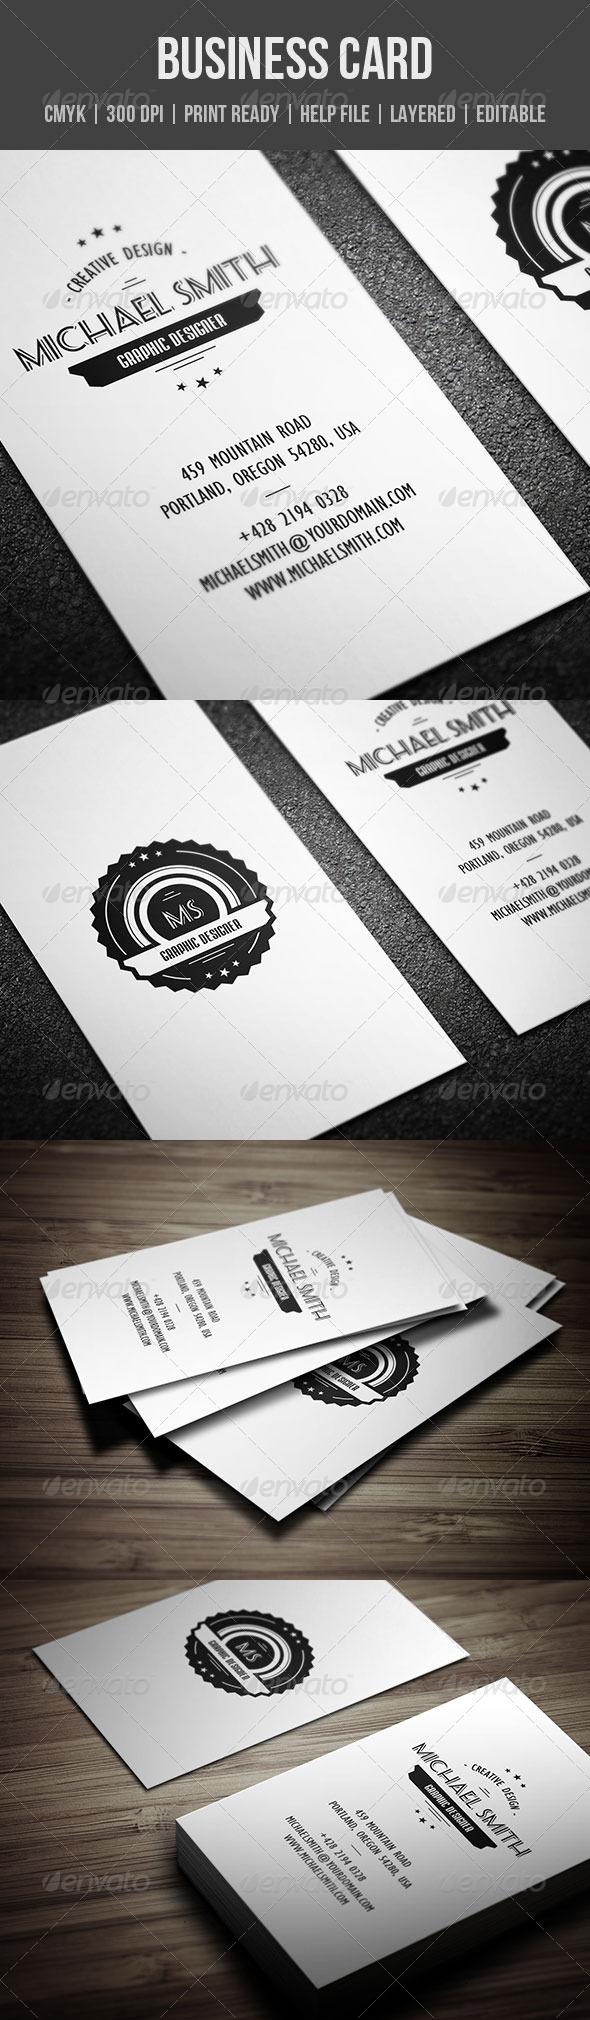 GraphicRiver Retro Business Card 4998497